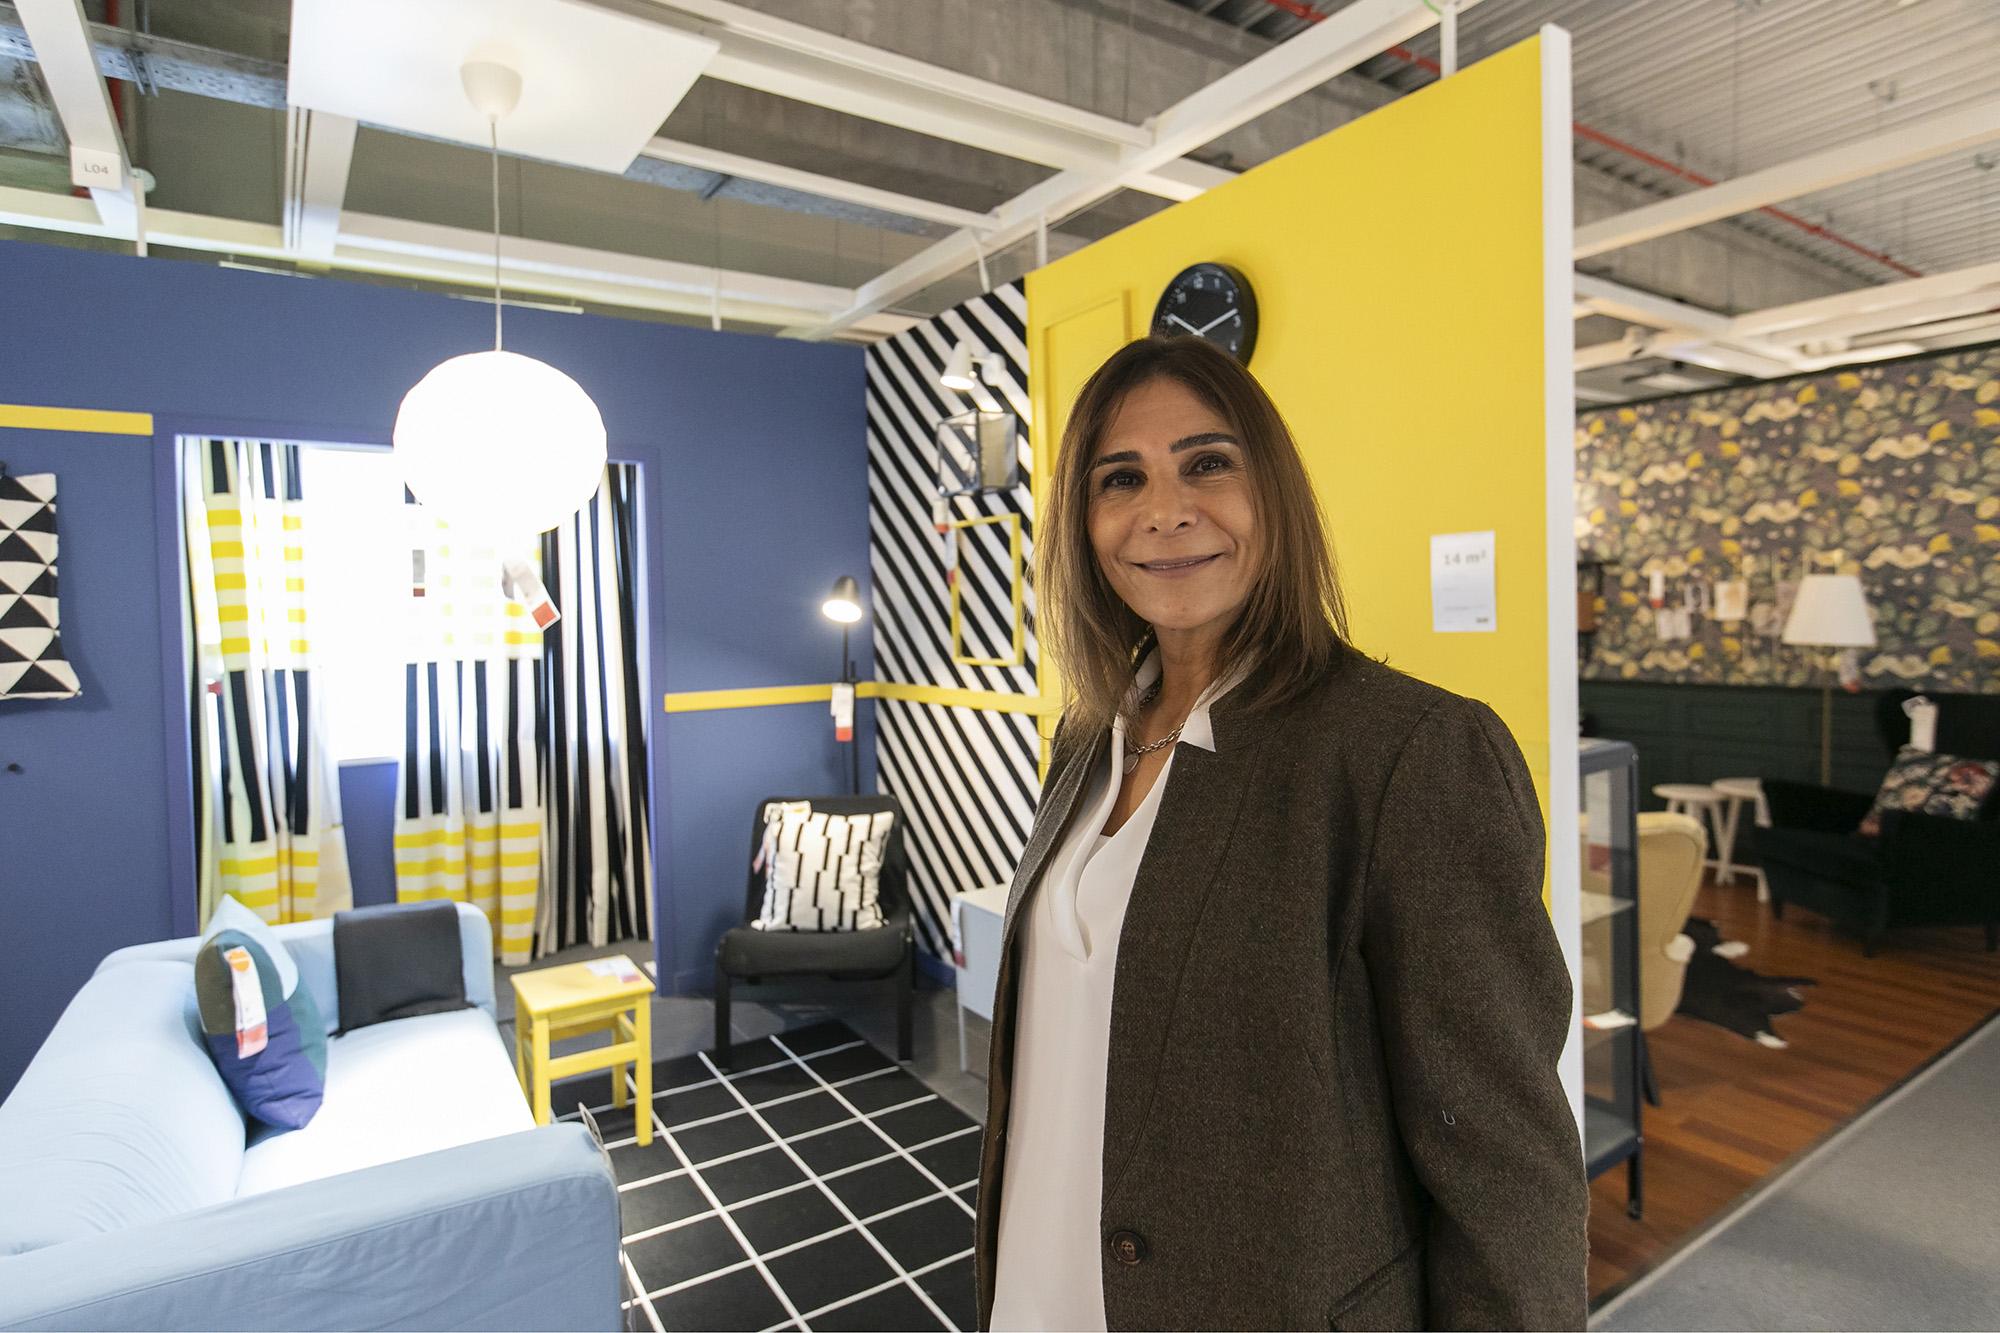 Sari Brody, responsável pela igualdade, diversidade e inclusão do grupo IKEA, em entrevista ao ECO/Pessoas